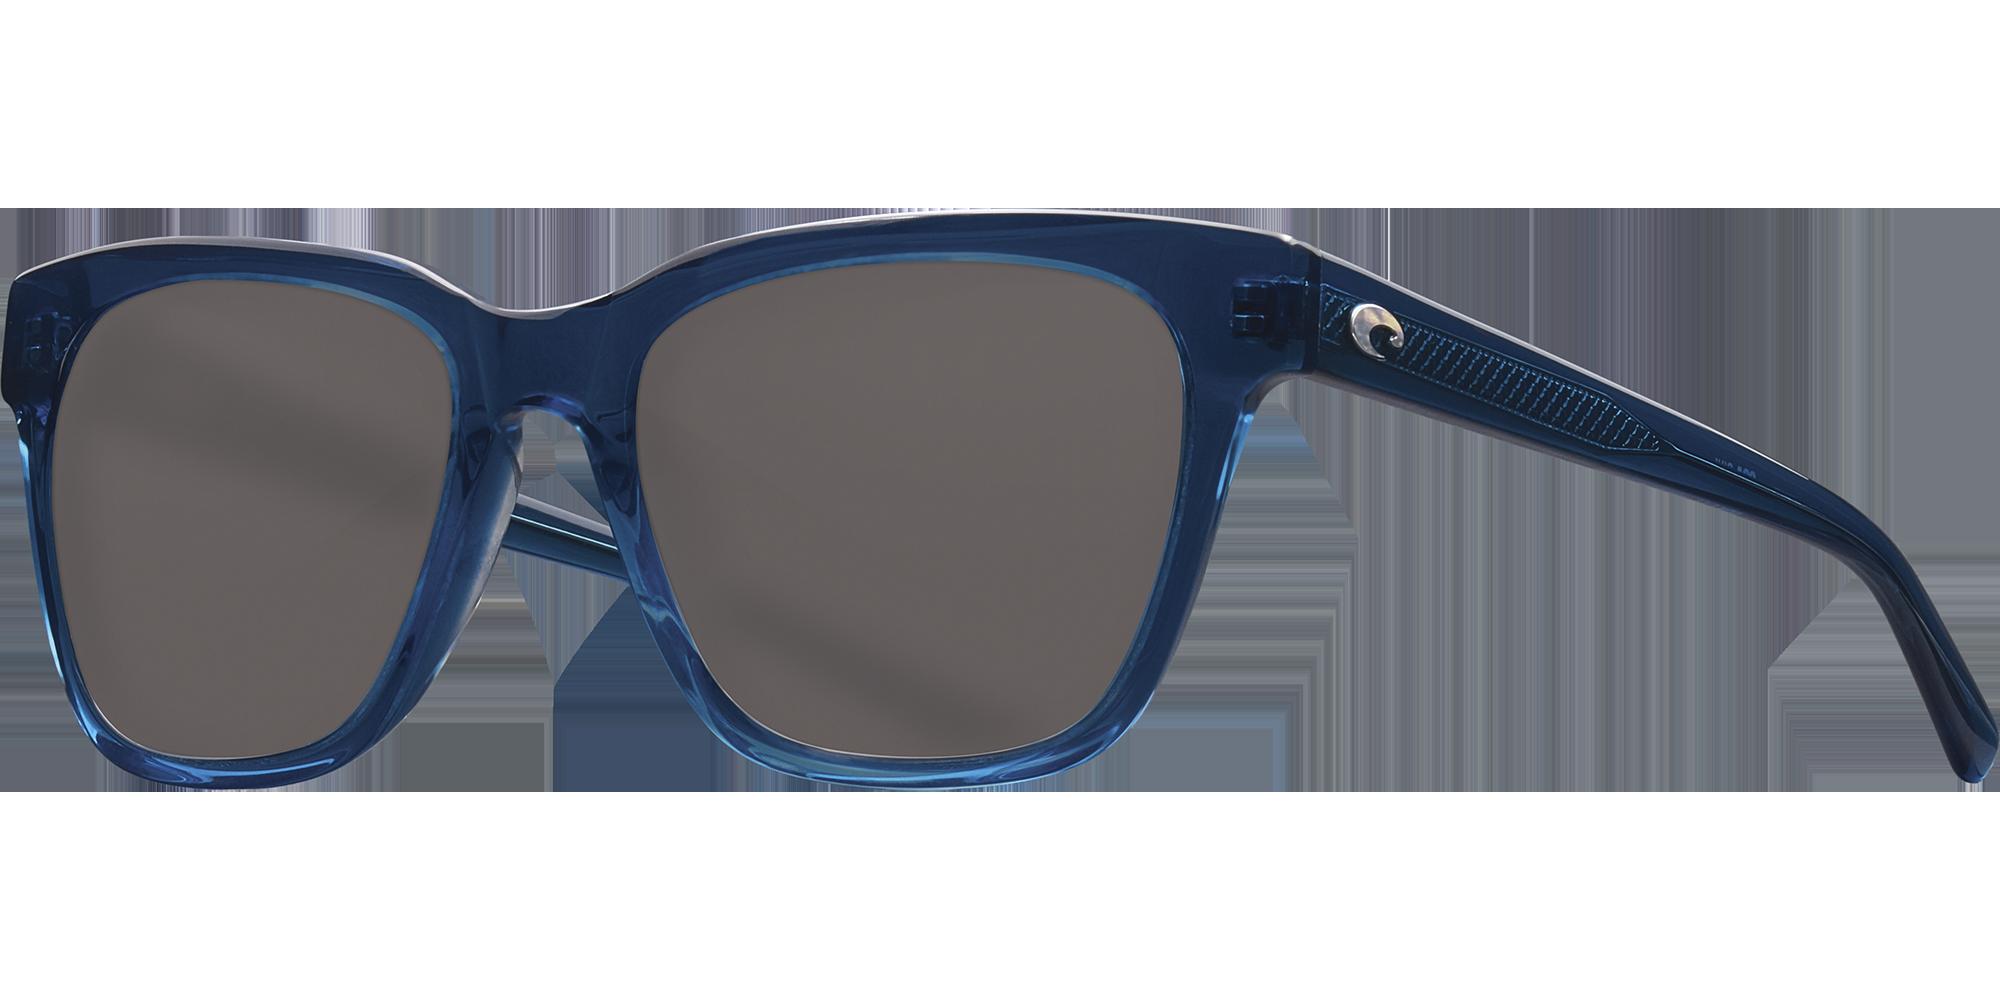 Costa Glasses for Women